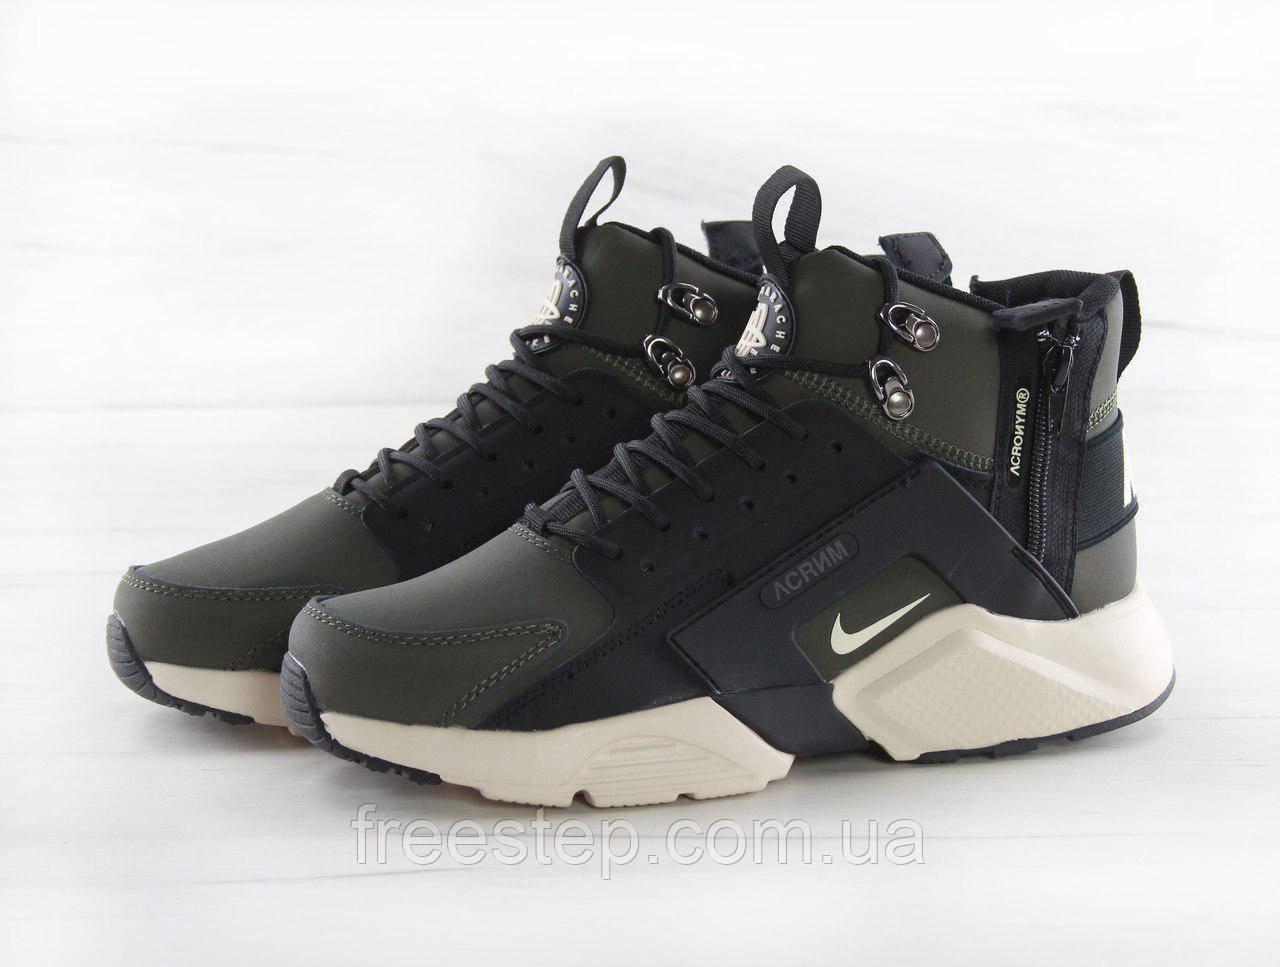 fbf5dd6d Кроссовки в стиле Nike Air Huarache X Acronym City MID Lea, нубук, хаки,